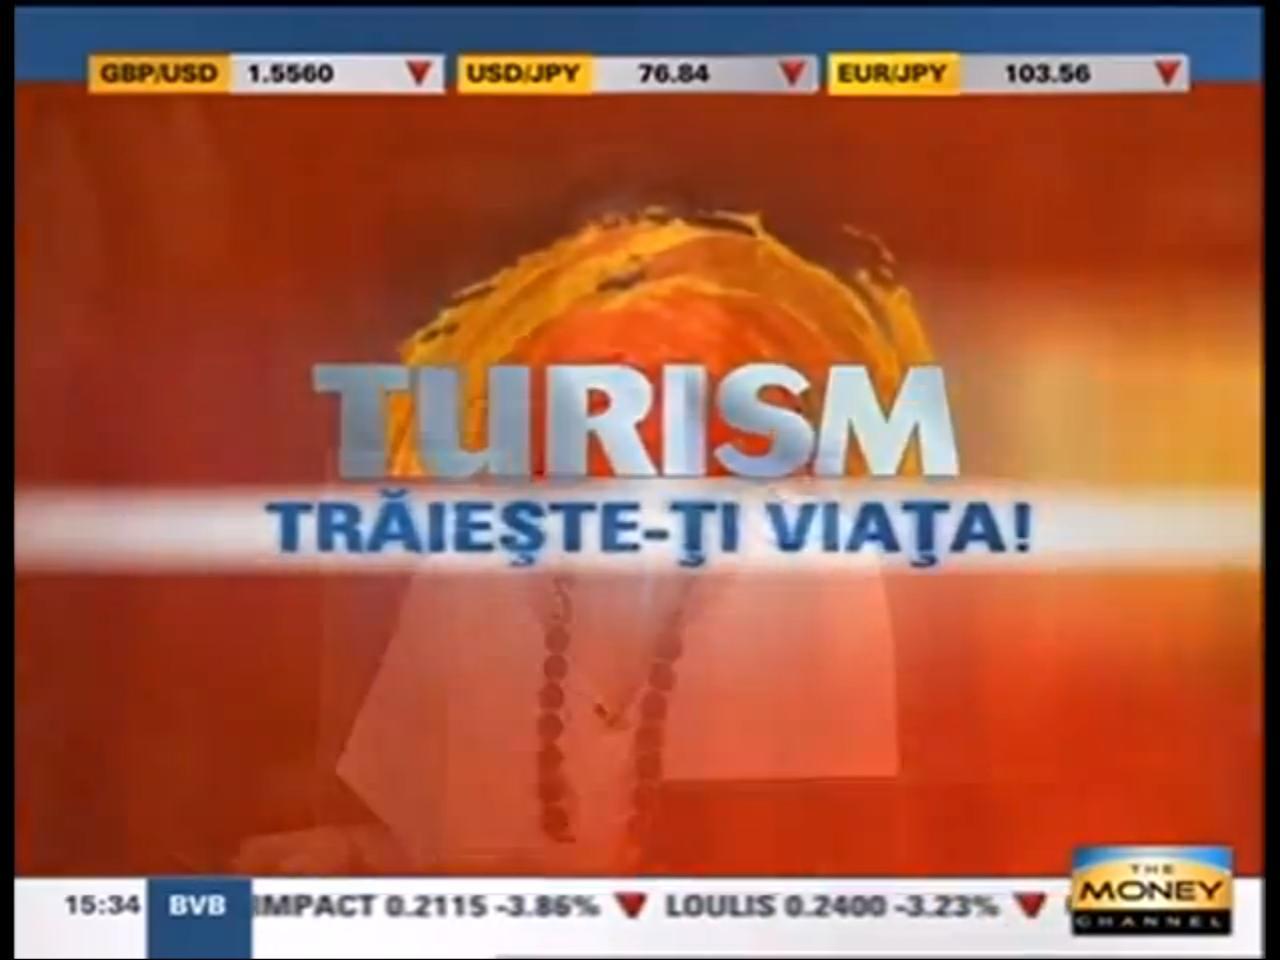 Înregistrare emisiunea de turism Trăieşte-ţi viaţa – ediţia 8, 2 decembrie 2011